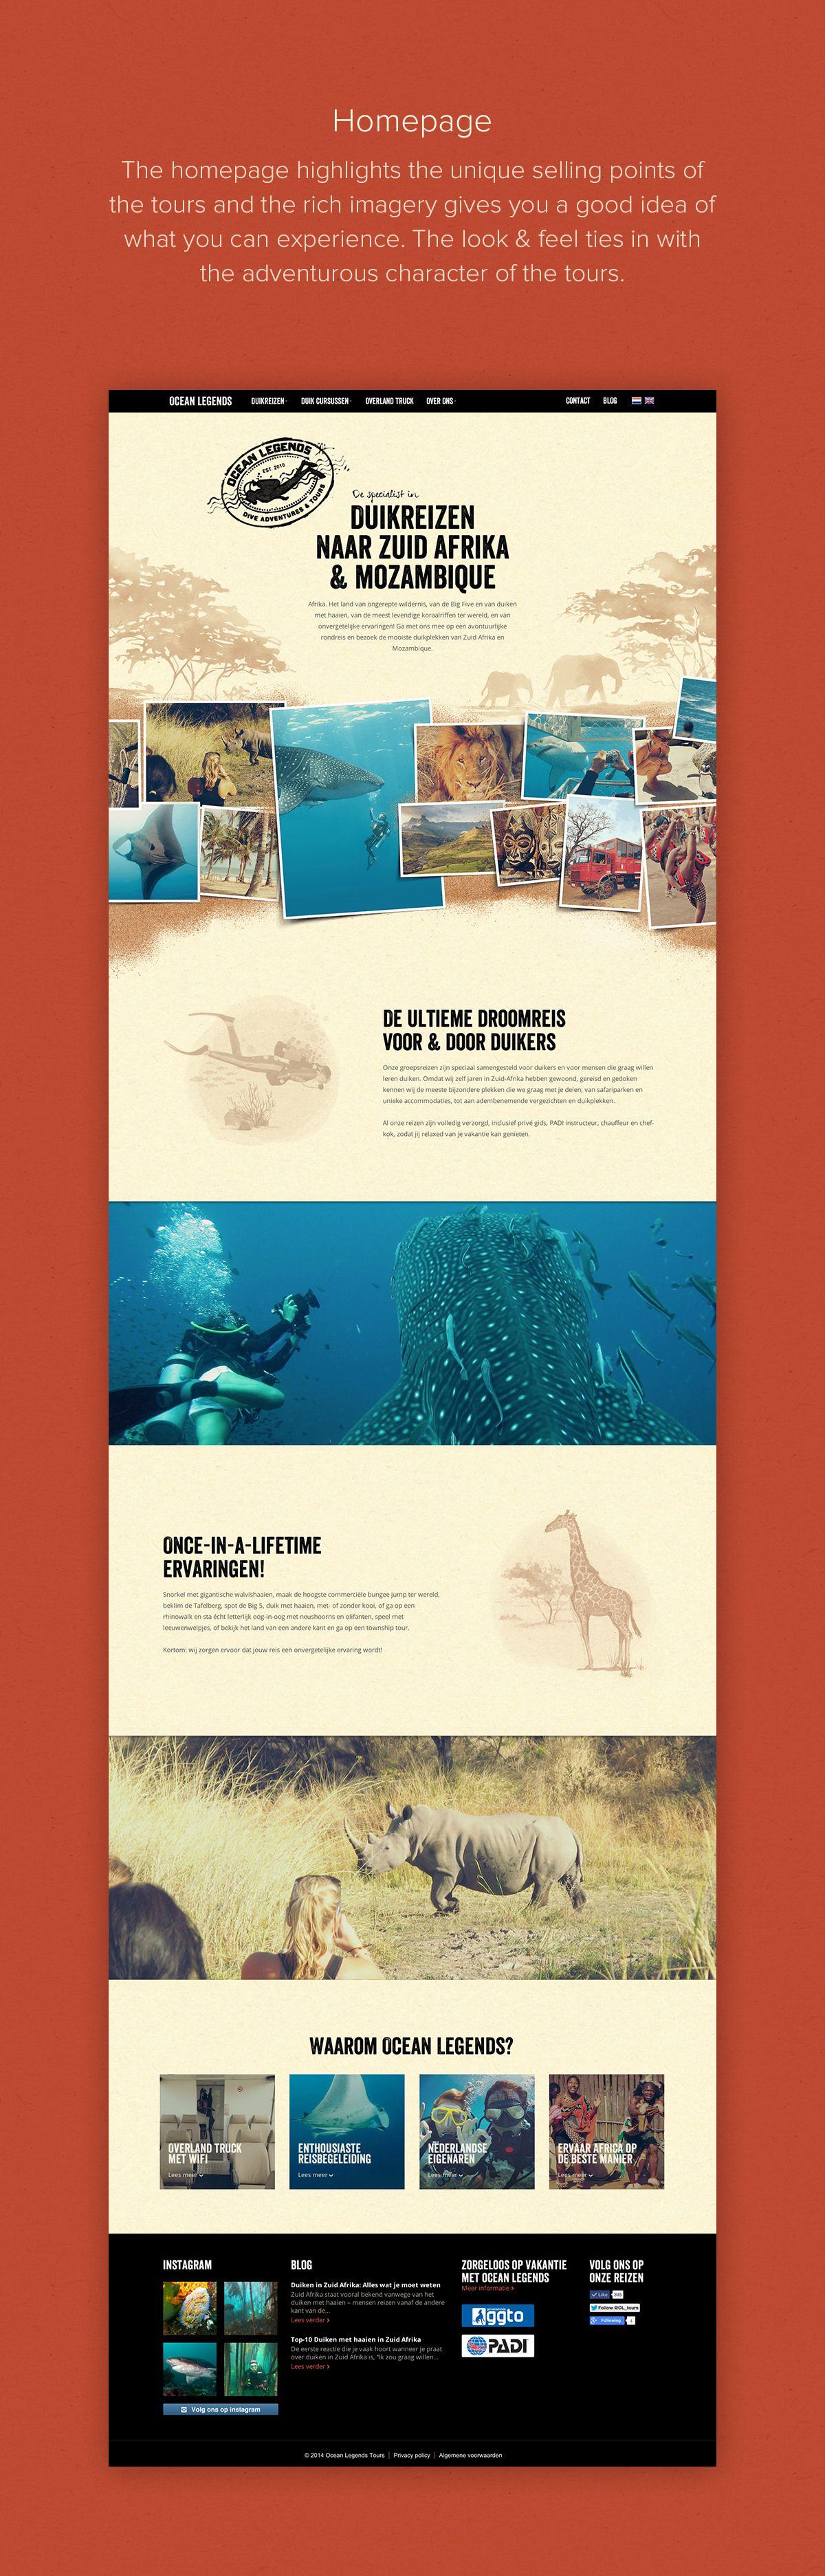 Ocean Legends Tours: Adventure Travel Website